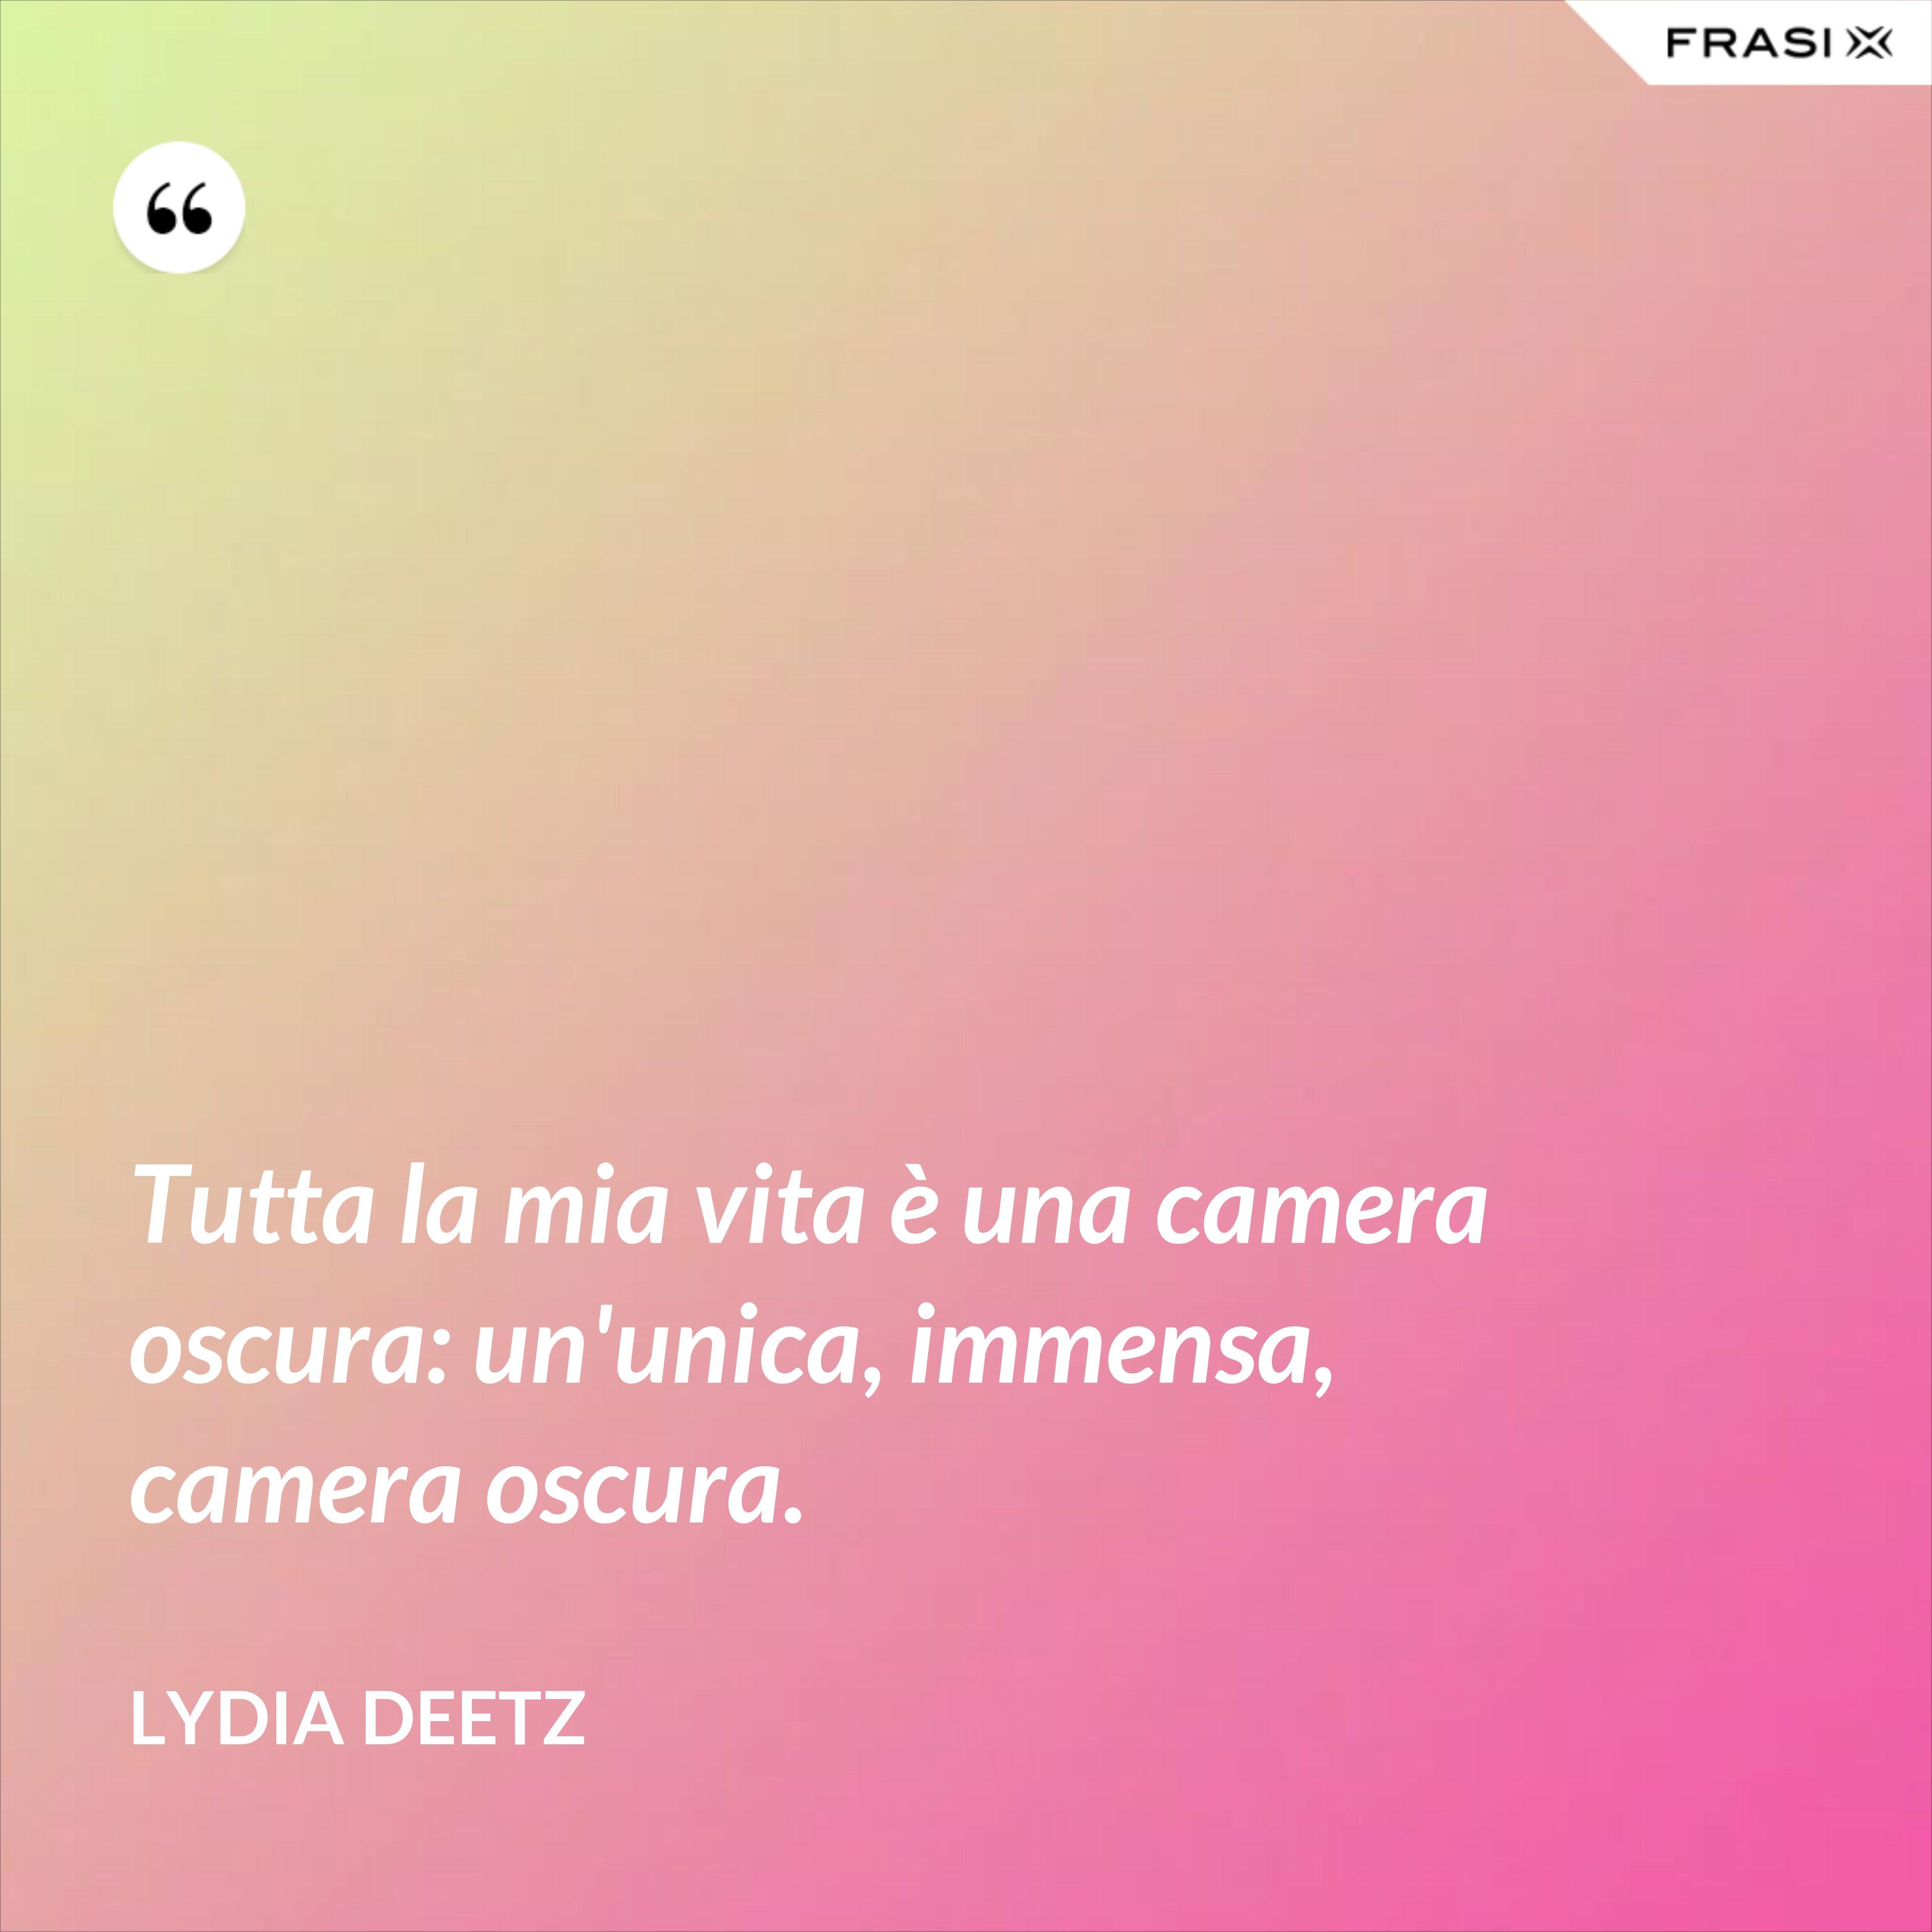 Tutta la mia vita è una camera oscura: un'unica, immensa, camera oscura. - Lydia Deetz